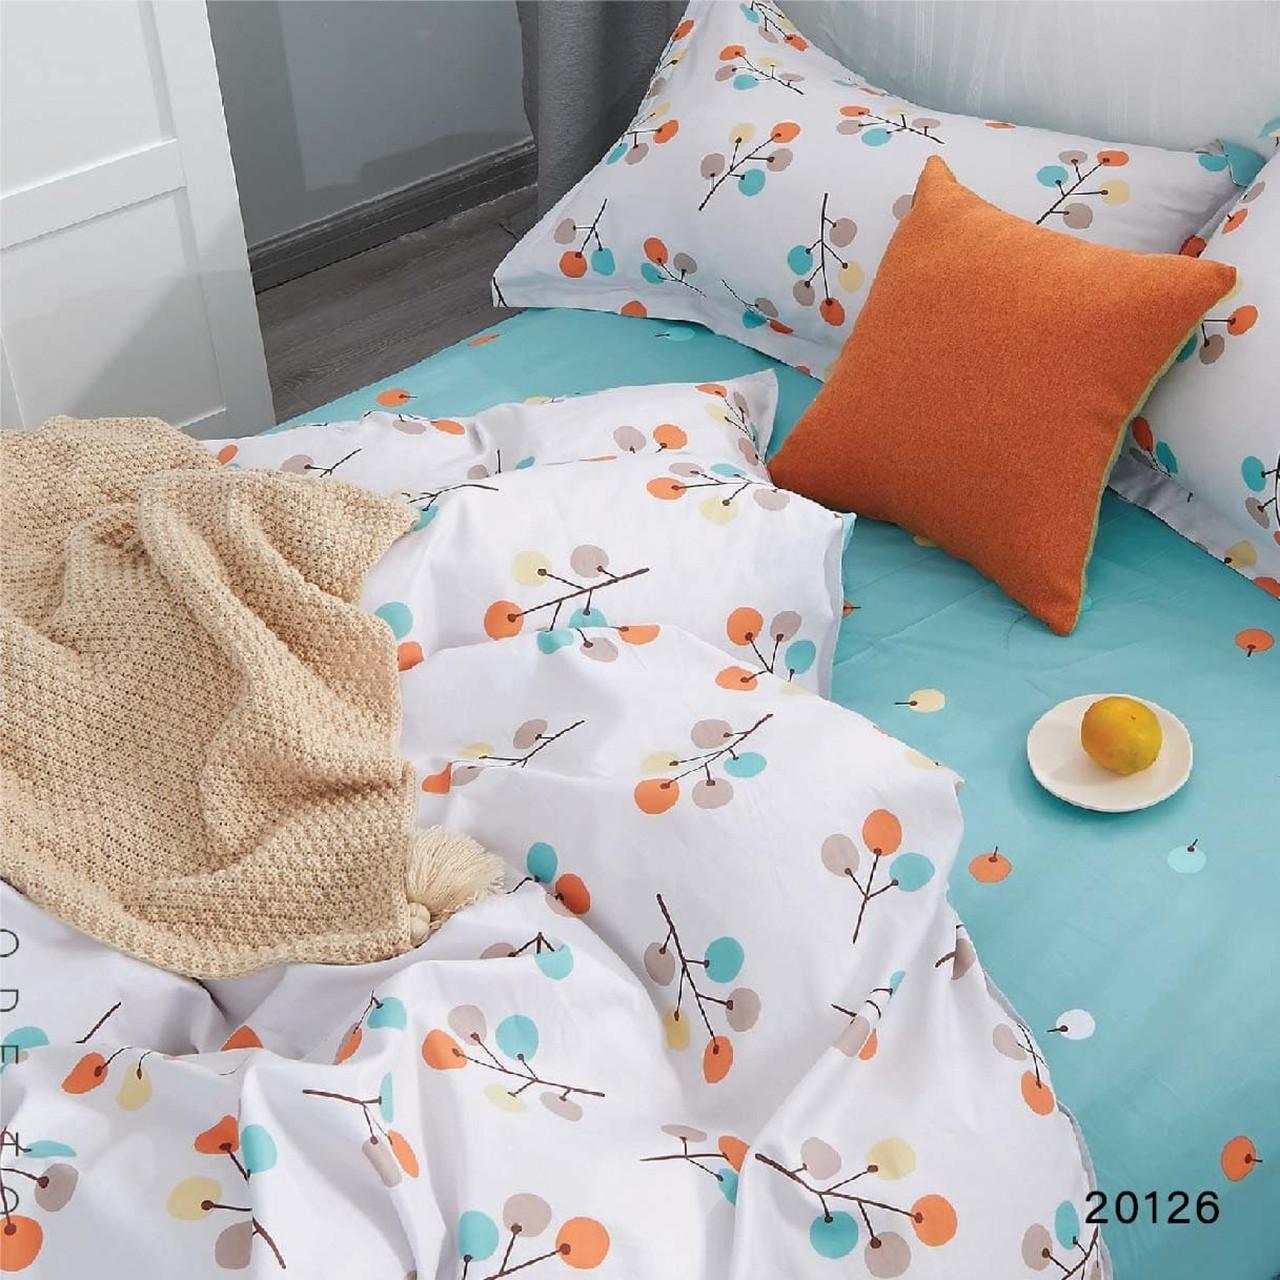 Комплект постельного белья ранфорс 20126 ТМ Вилюта